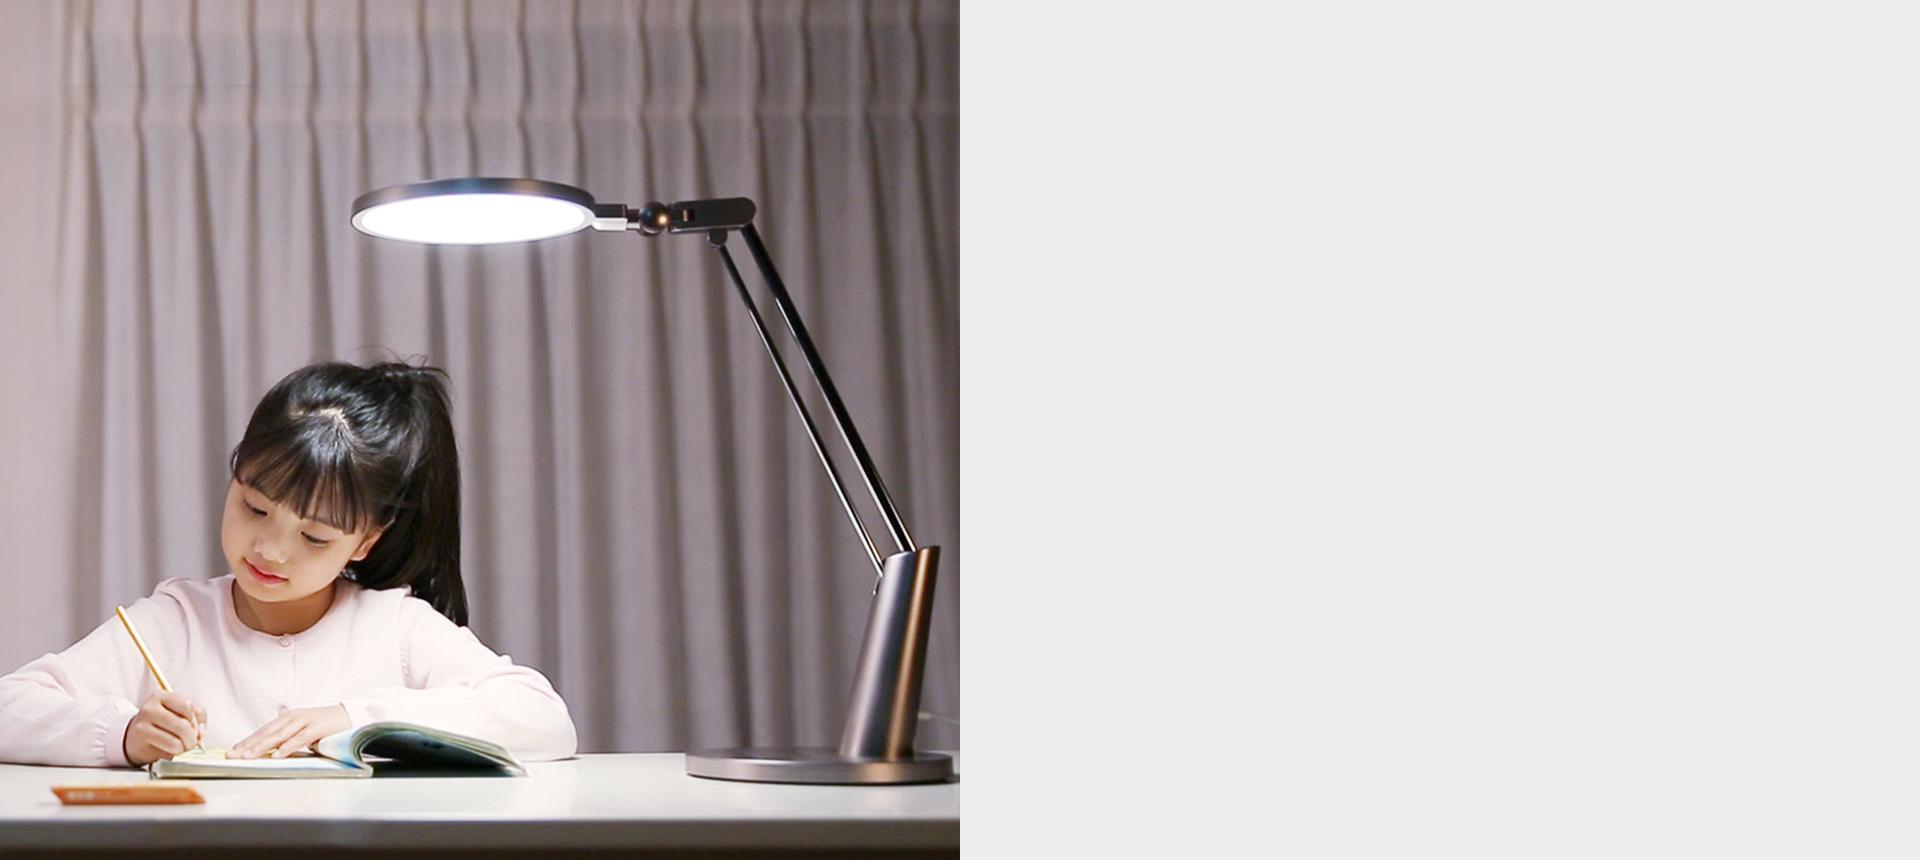 Serene Eye Friendly Desk Lamp Pro Desk Light Yeelight